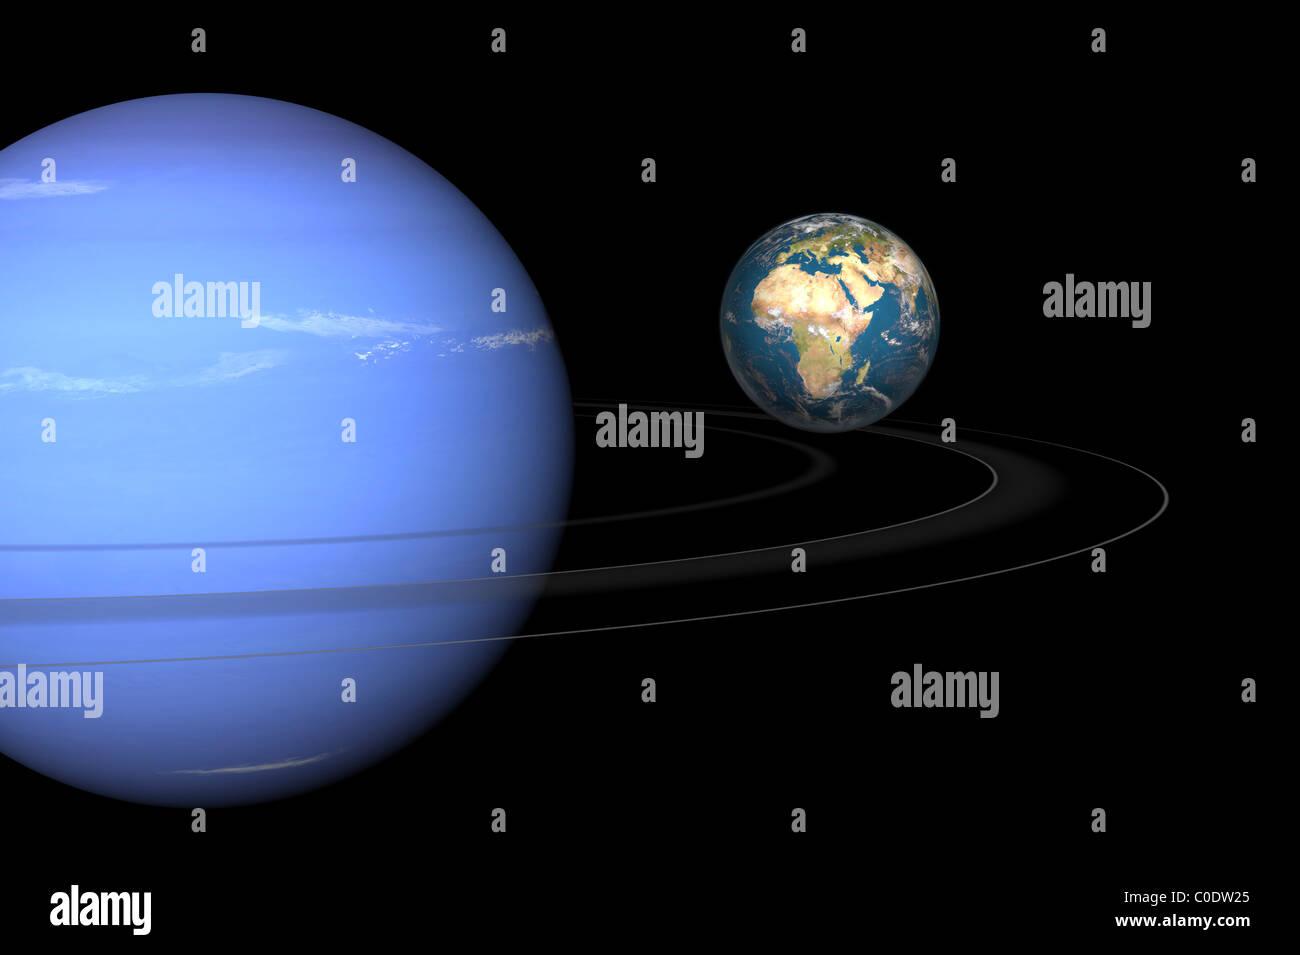 Artiste' concept de Neptune et de la Terre. Photo Stock